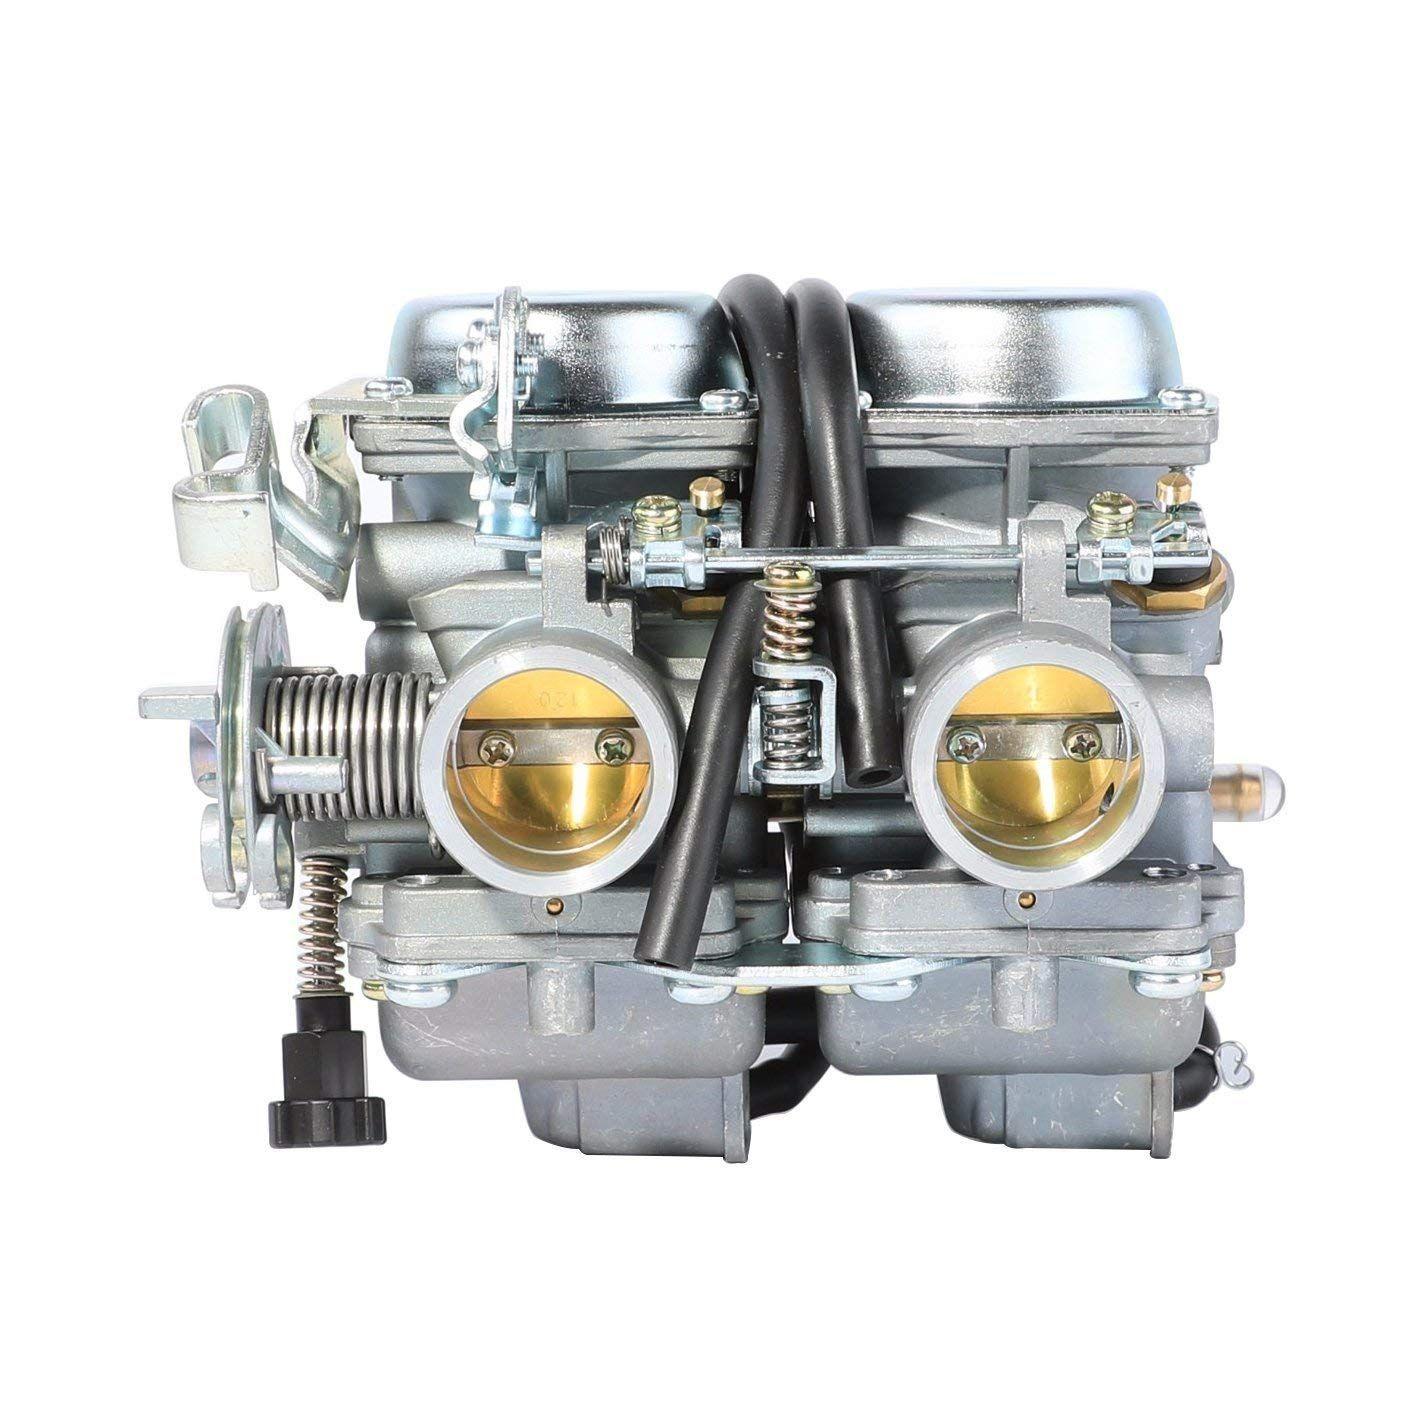 PD26JS 26mm والمازج لCB125 250 Cl125-3 الصينية ملكي رابتور التوأم اسطوانة المحرك CA250 CMX250 1996-2011